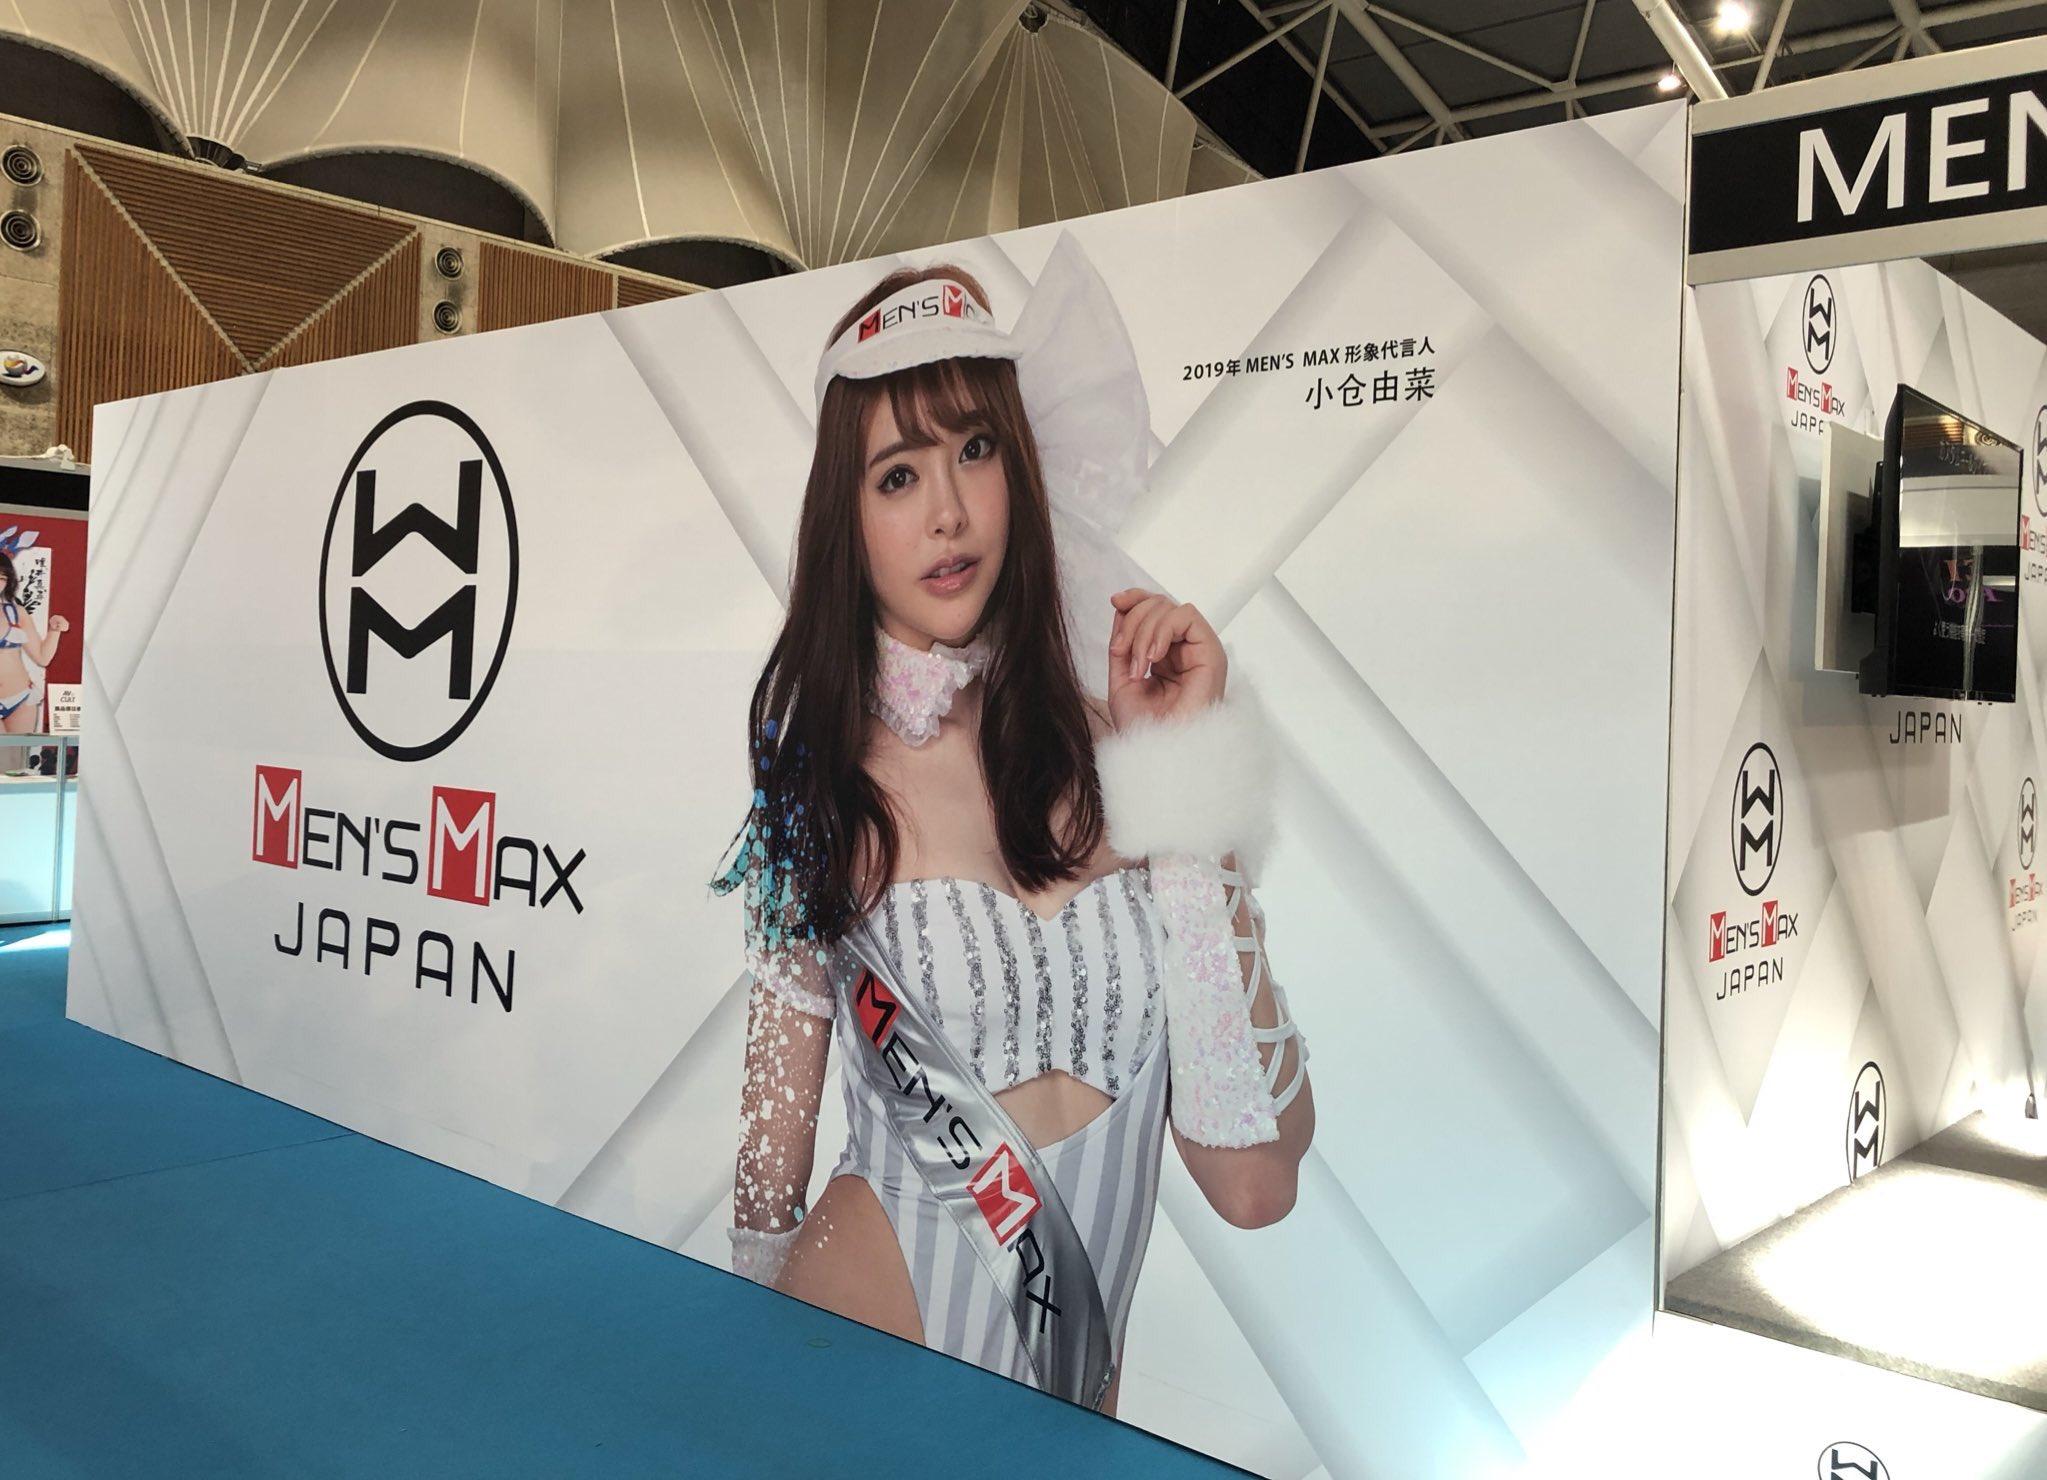 mensmax展台巨幅海报